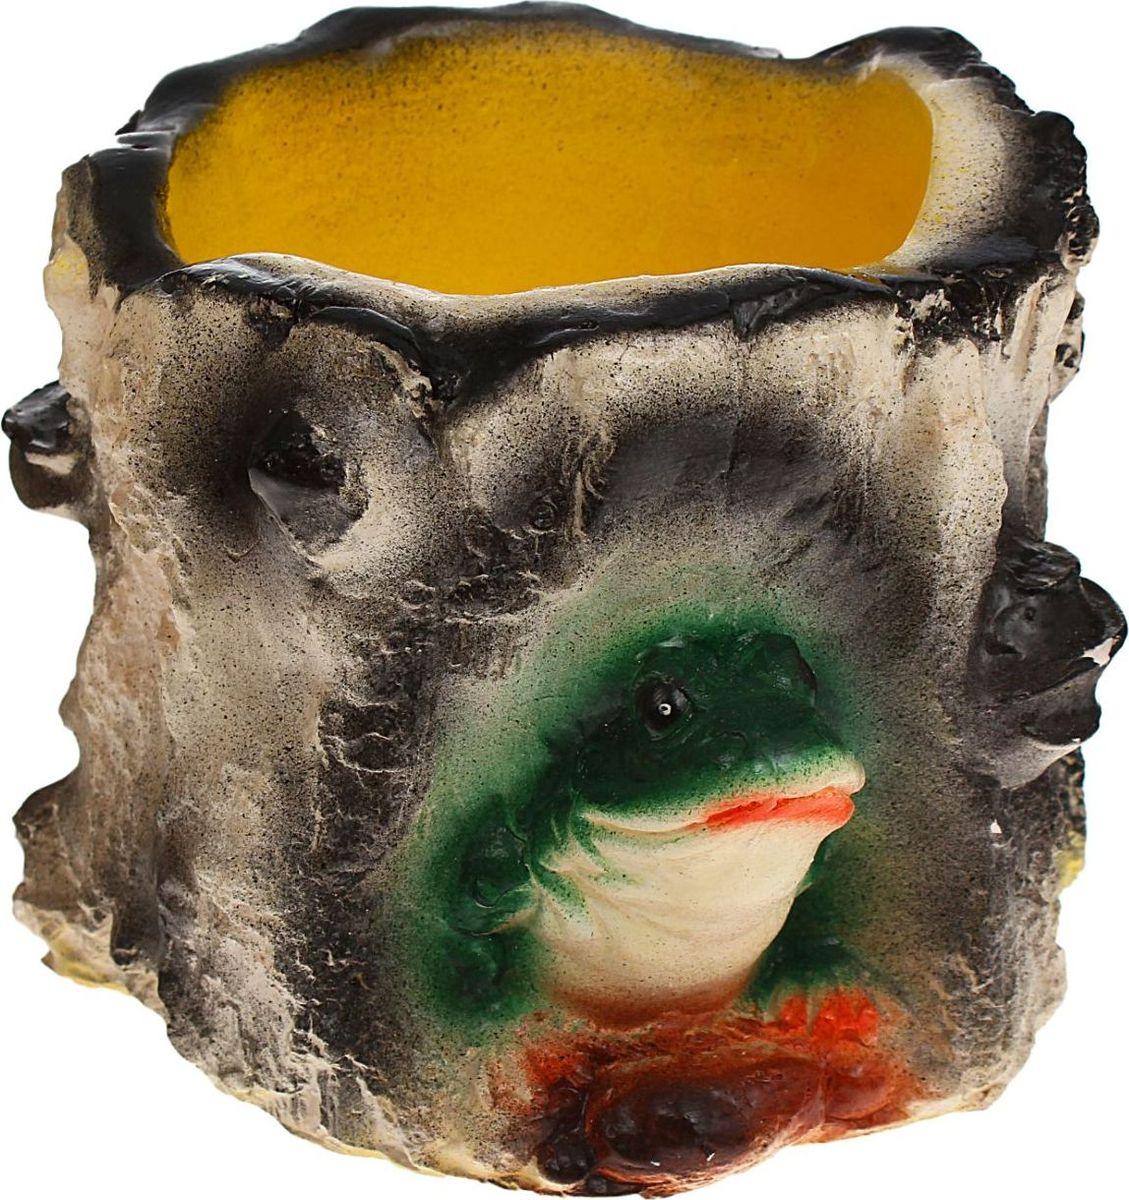 Кашпо Пень с совой, цвет: желтый, 16 х 17 х 14 см1079314Комнатные растения — всеобщие любимцы. Они радуют глаз, насыщают помещение кислородом и украшают пространство. Каждому из растений необходим свой удобный и красивый дом. Поселите зелёного питомца в яркое и оригинальное фигурное кашпо. Выберите подходящую форму для детской, спальни, гостиной, балкона, офиса или террасы. #name# позаботится о растении, украсит окружающее пространство и подчеркнёт его оригинальный стиль.